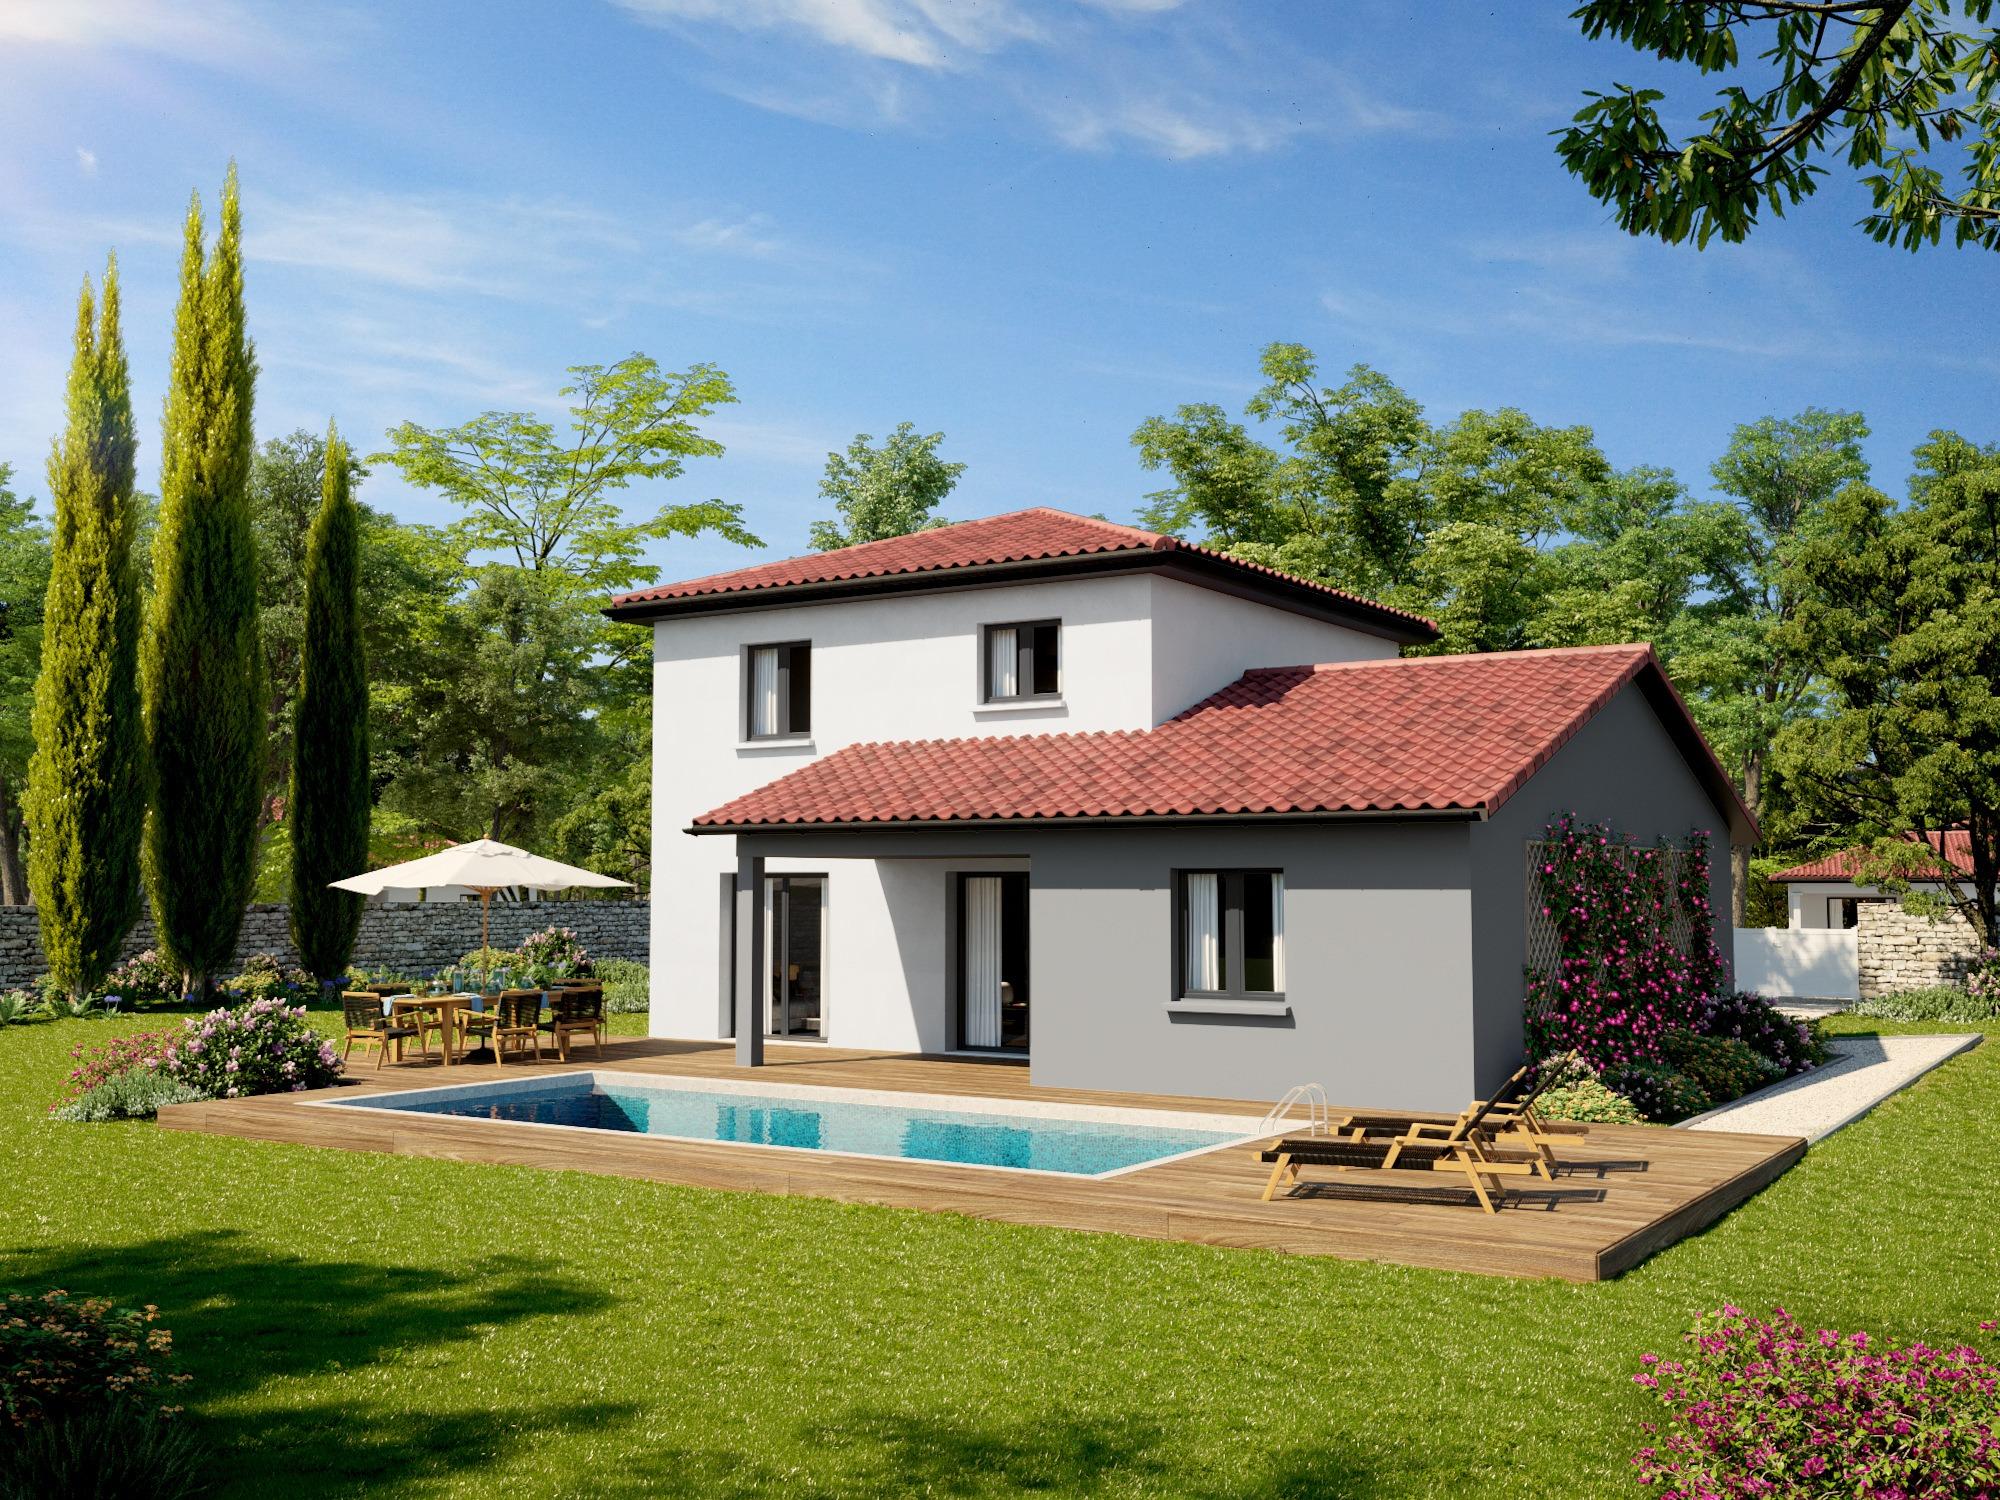 Maisons + Terrains du constructeur DEMEURES CALADOISES • 104 m² • SURY LE COMTAL